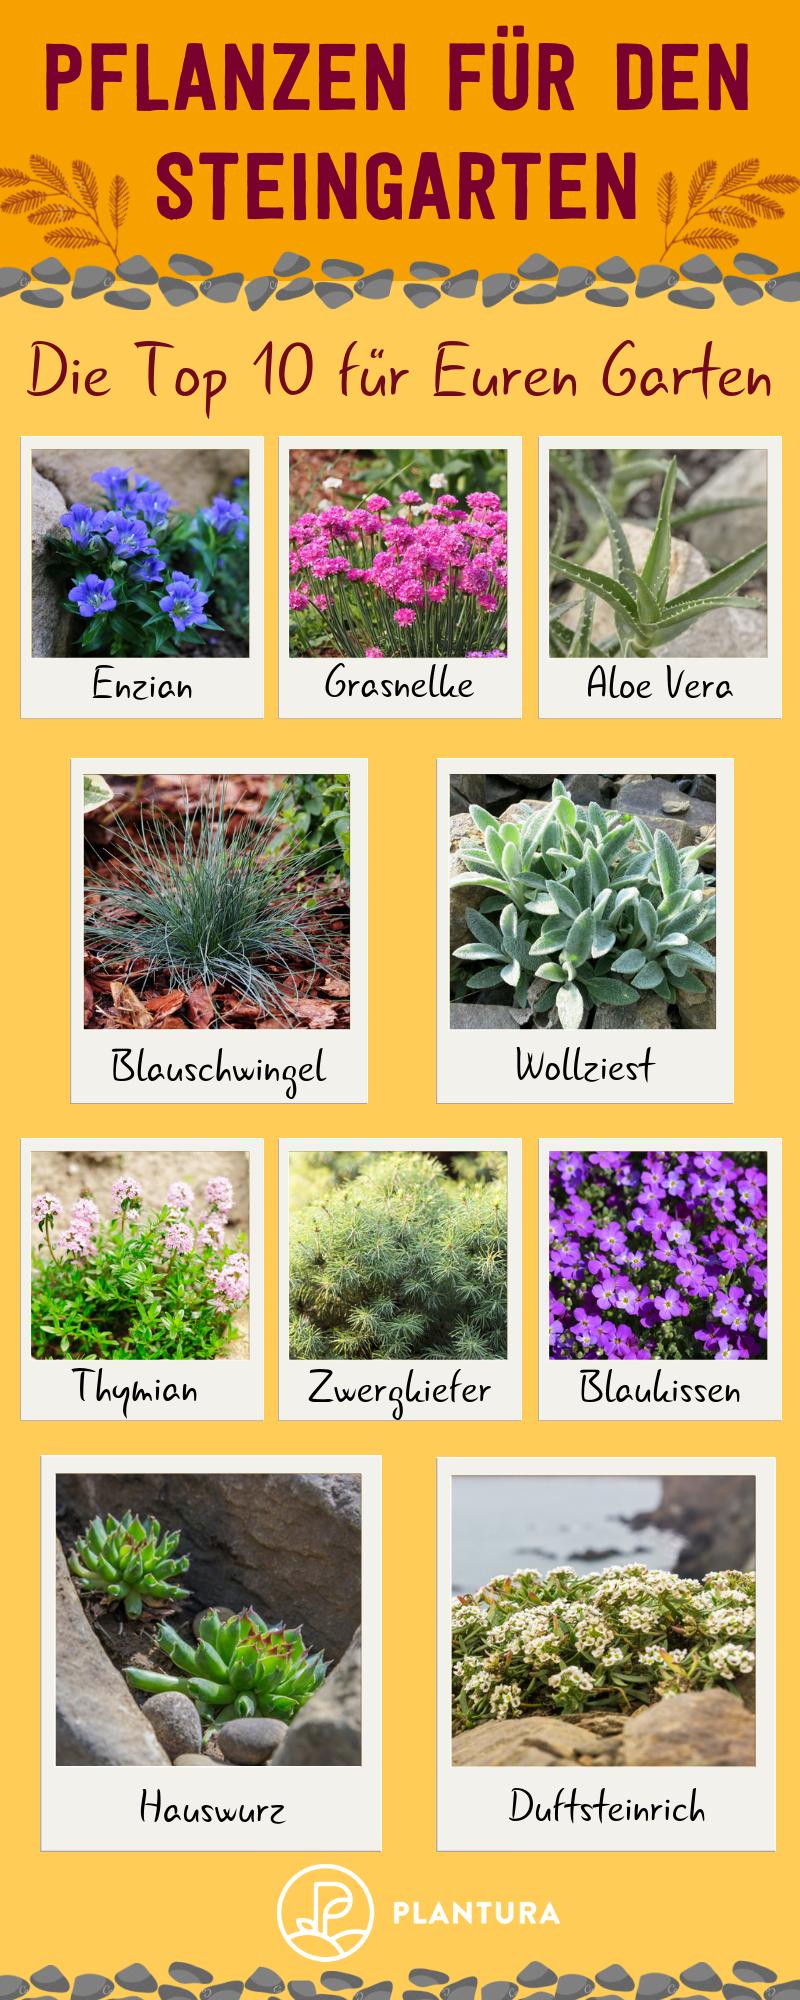 Die 10 schönsten Pflanzen für den Steingarten – Plantura